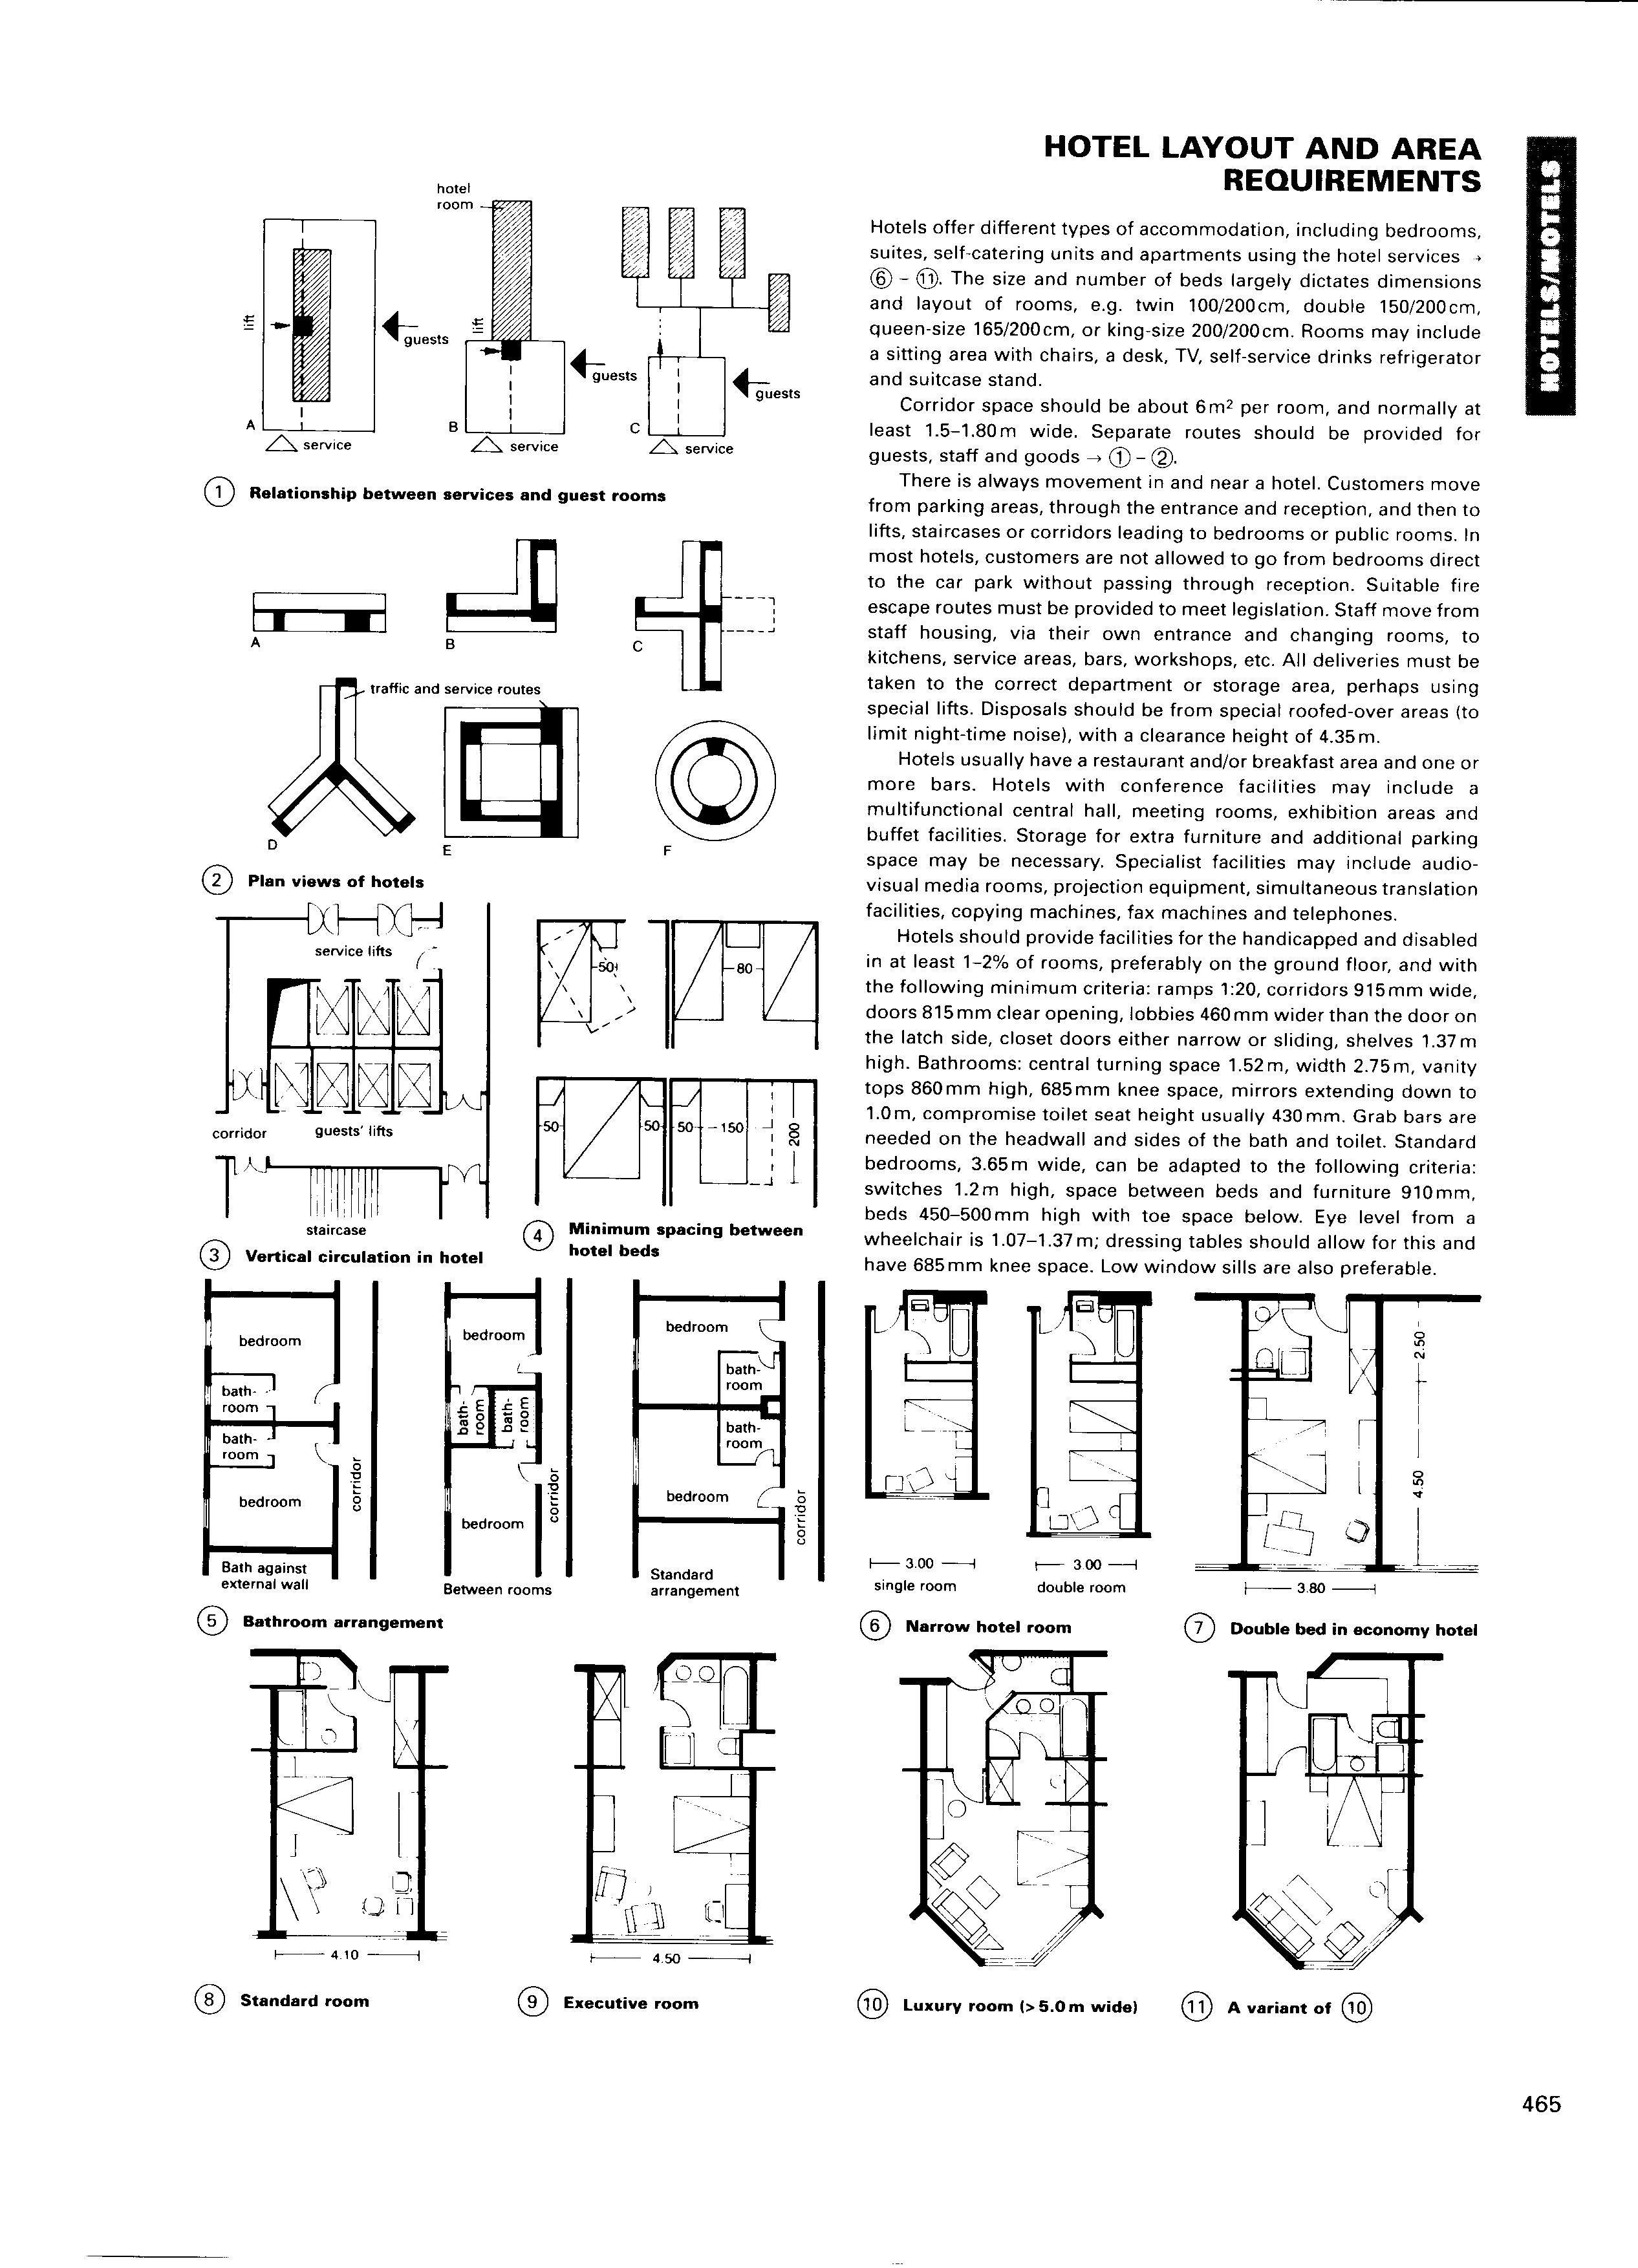 Architectural Standard Ernst Peter Neufert Hotel